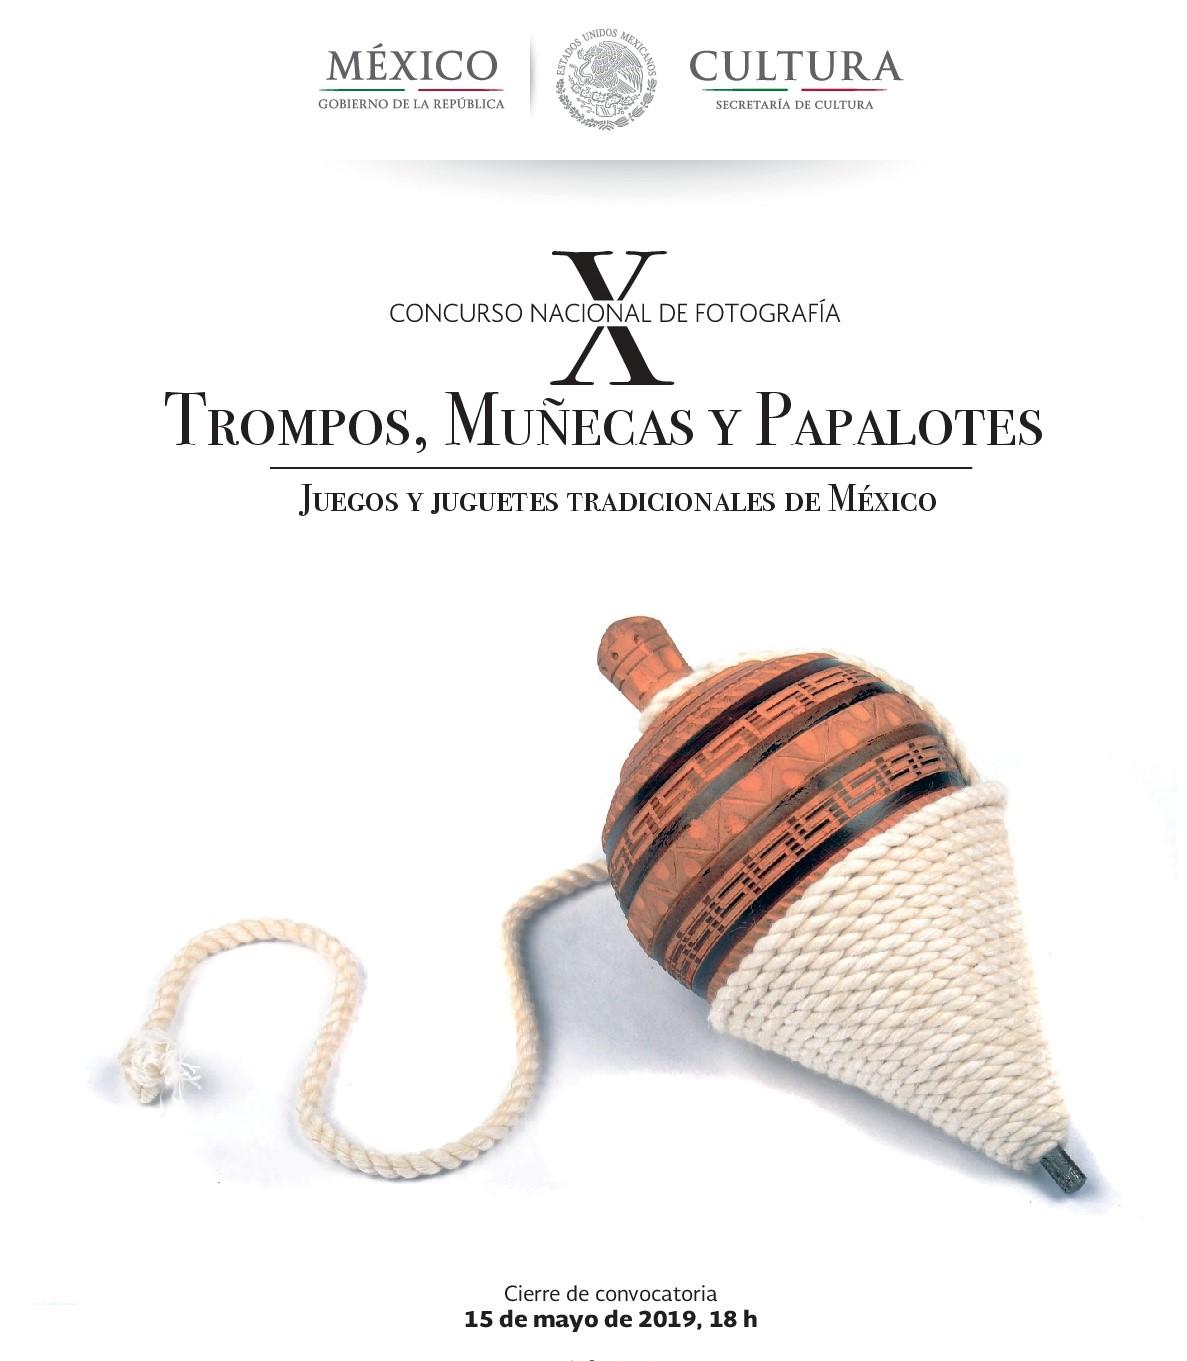 Decimo Concurso Nacional De Fotografia Trompos Munecas Y Papalotes